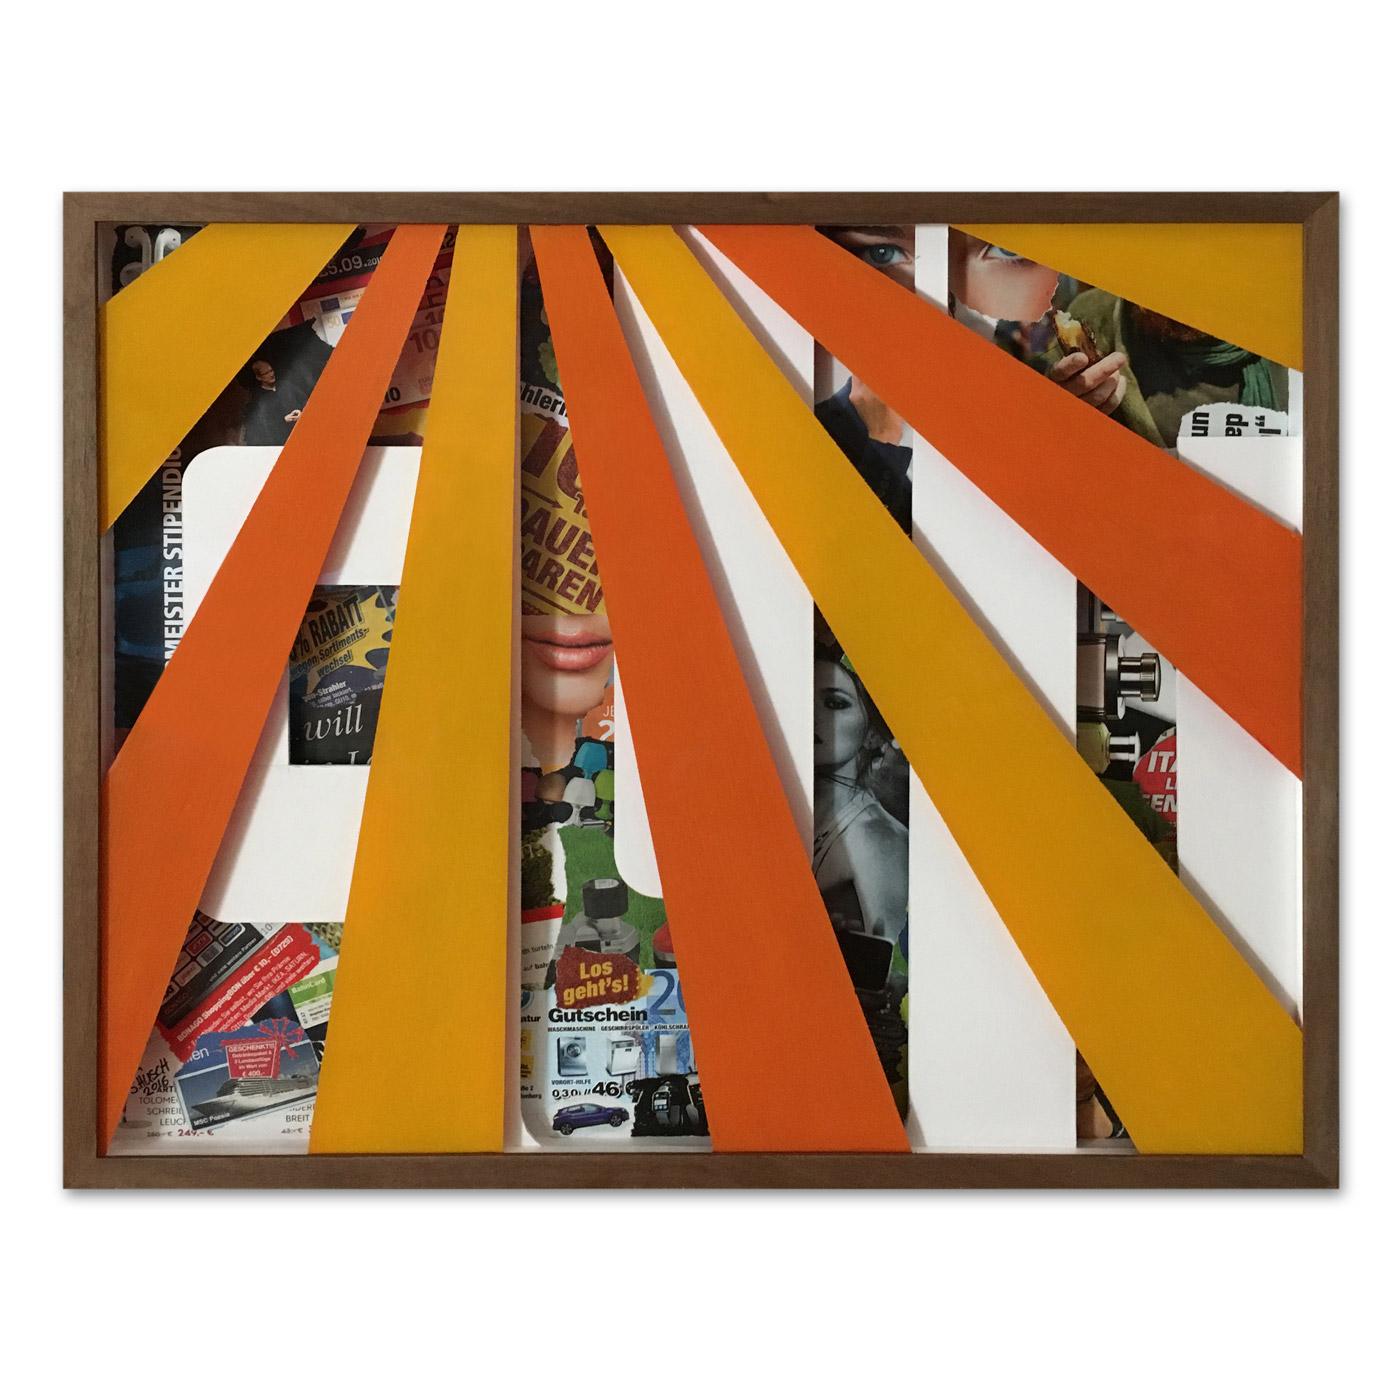 GUTSCHEIN (VOUCHER),  © 2016, cardboard, collage, acrylic paint behind glass, 53 x 43,5 x 4,5 cm